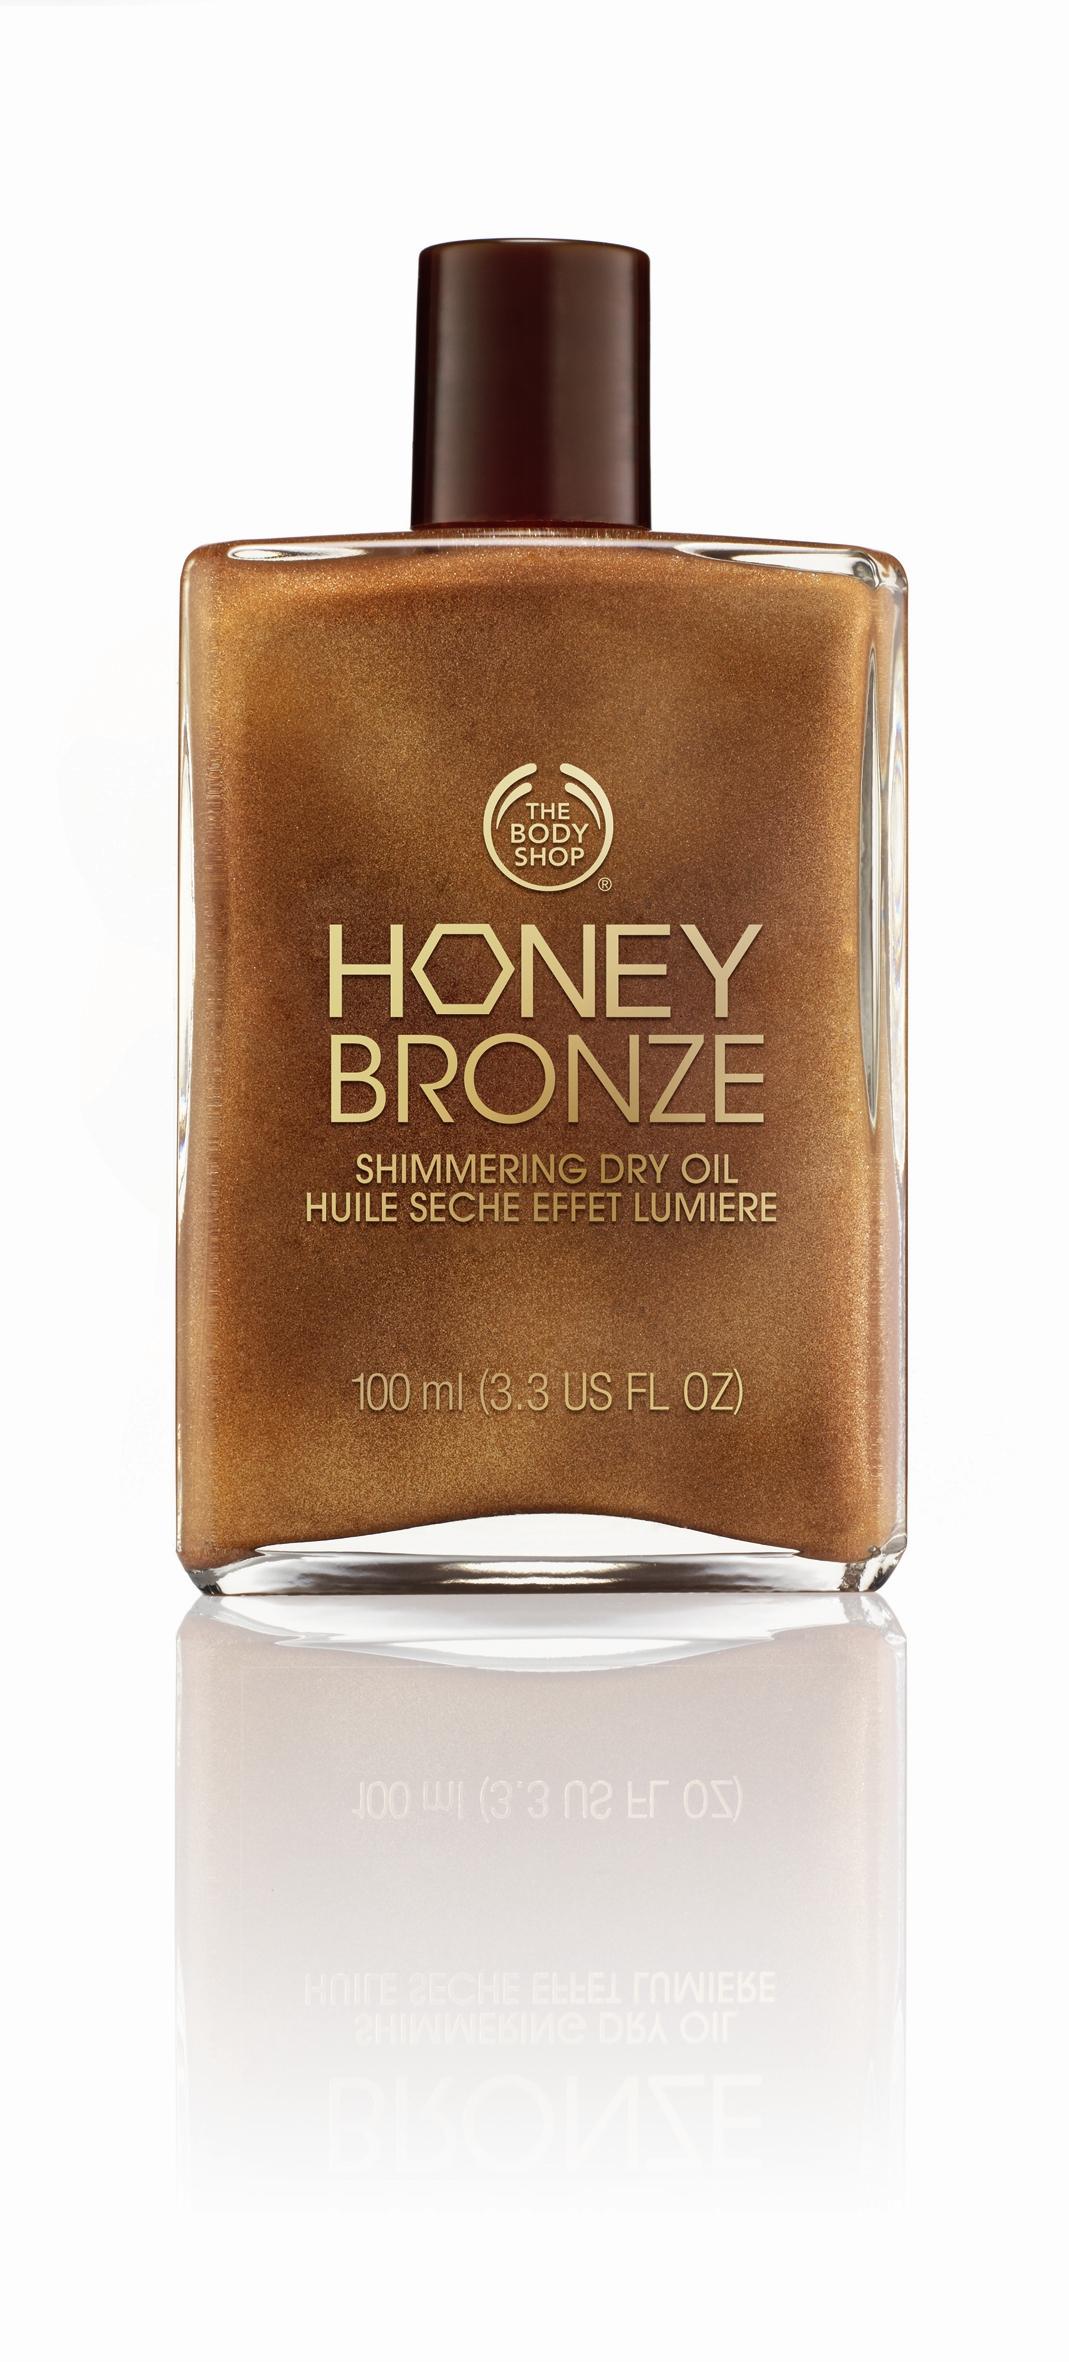 Honey Bronze Shimmering Dry Oil.JPG